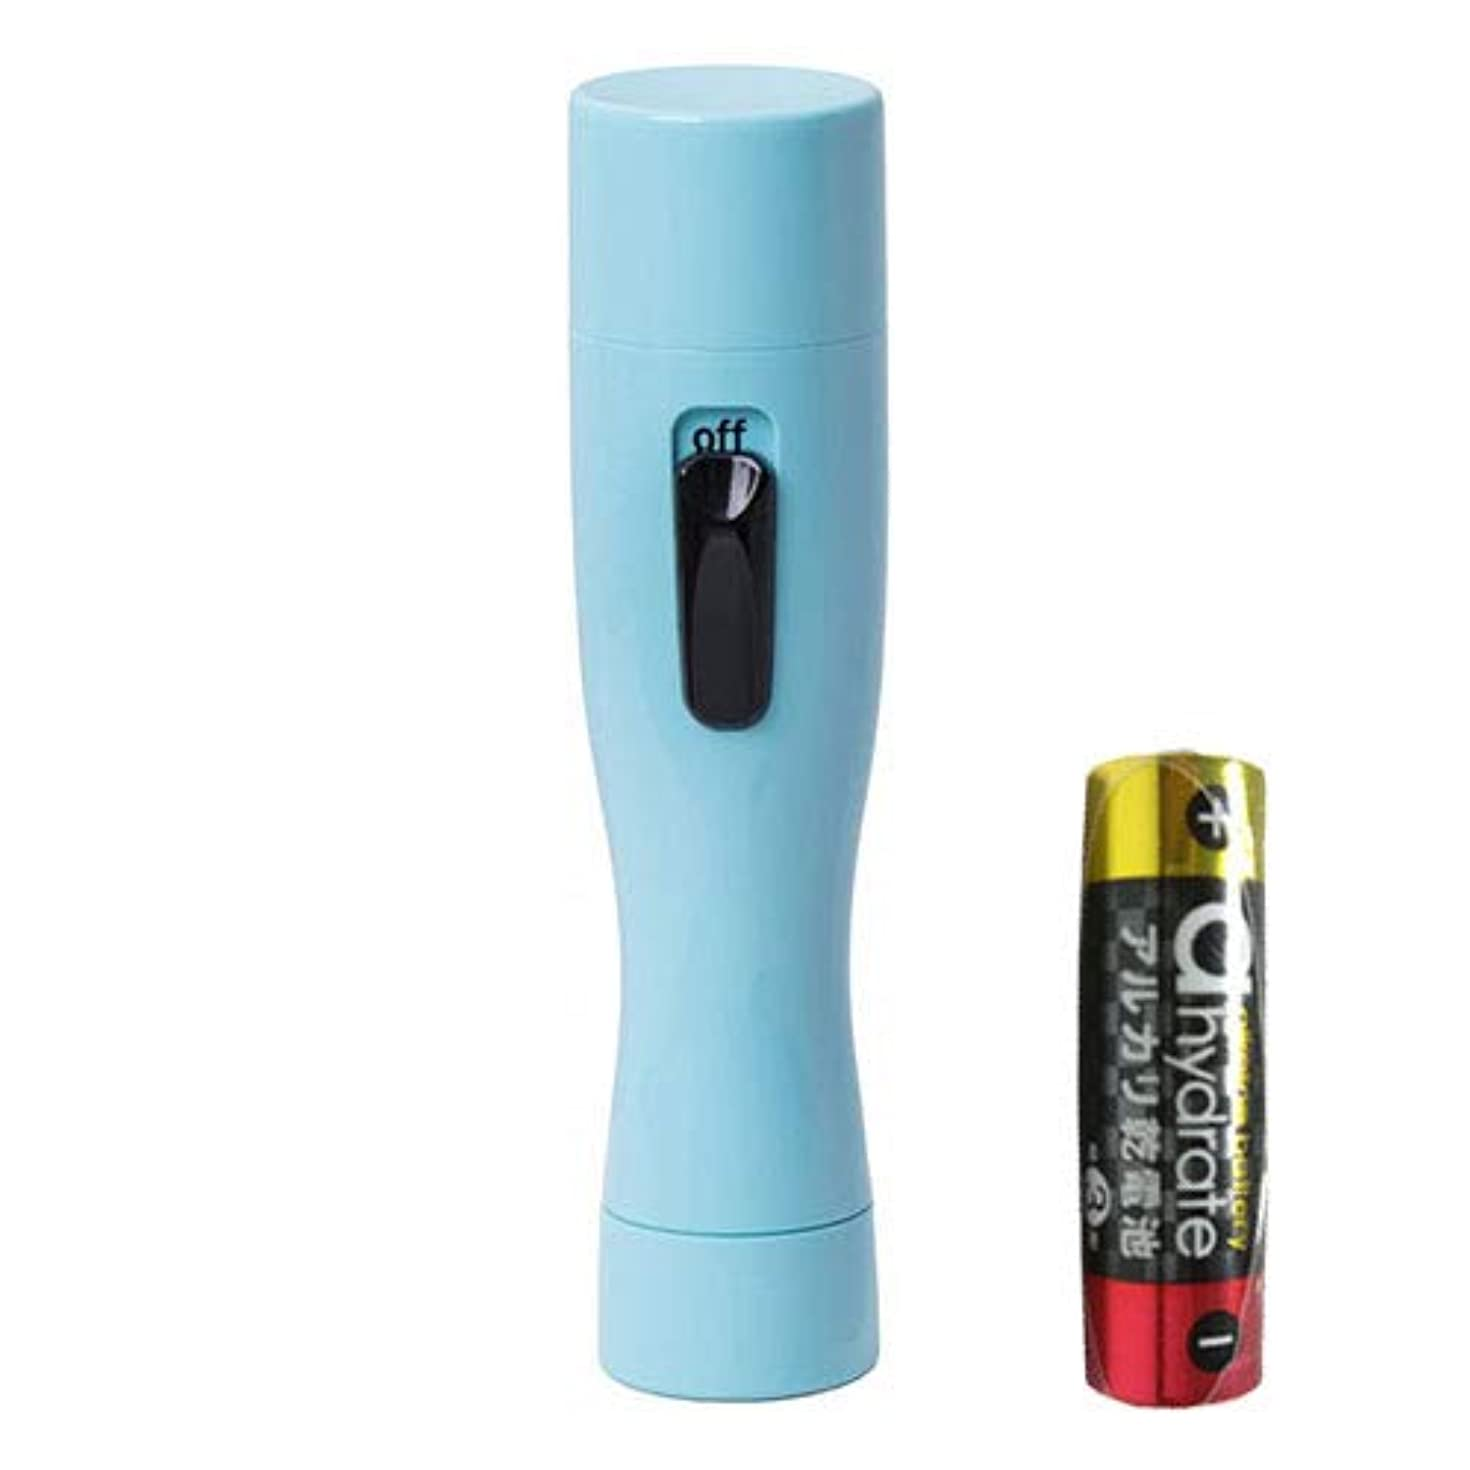 変化ストレンジャー勝者アルファP Solstick mini(ソルスティックミニ) パステルブルー + 単3アルカリ乾電池セット